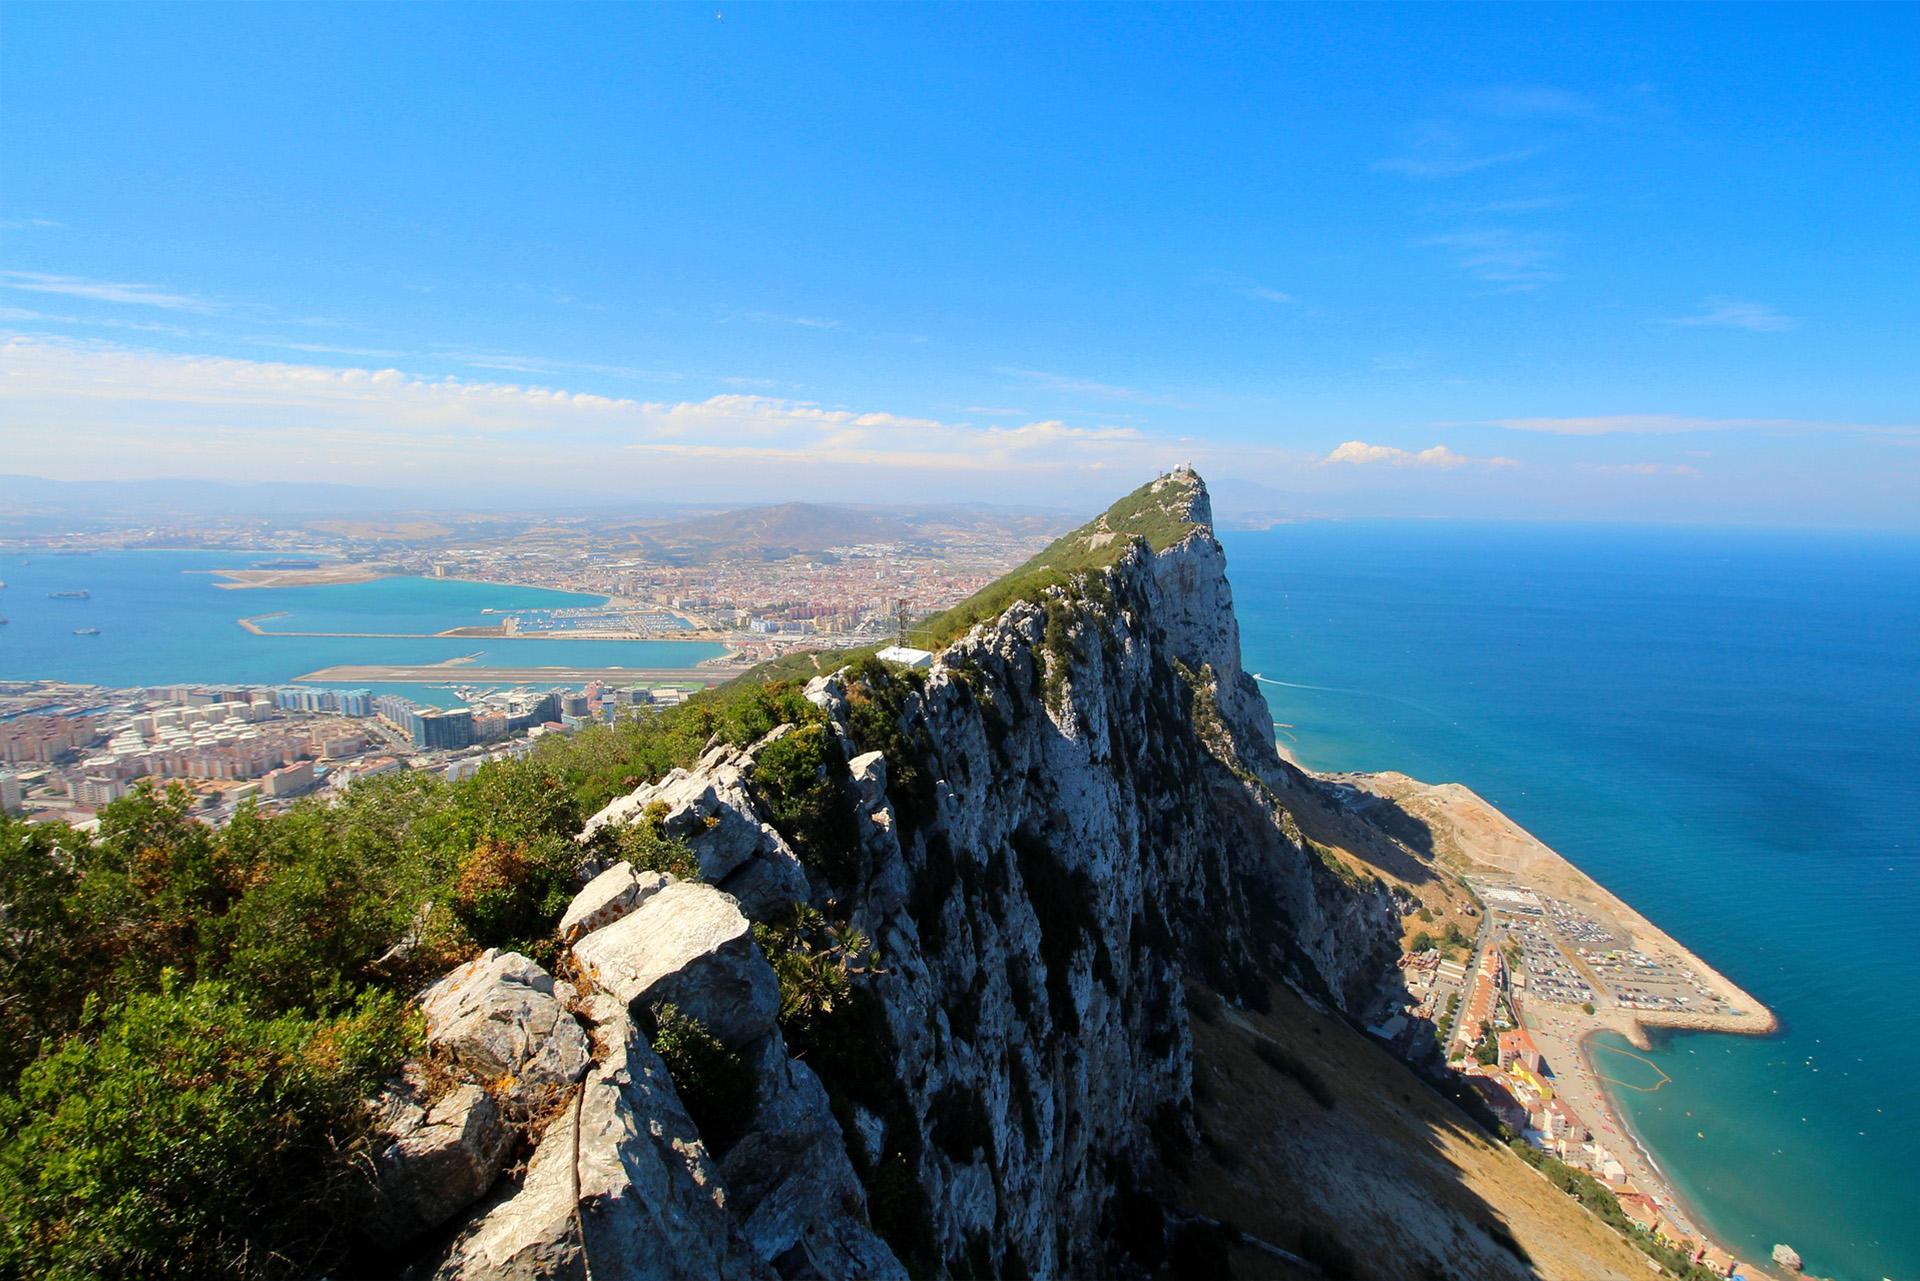 Gibraltar strait landscape exploring